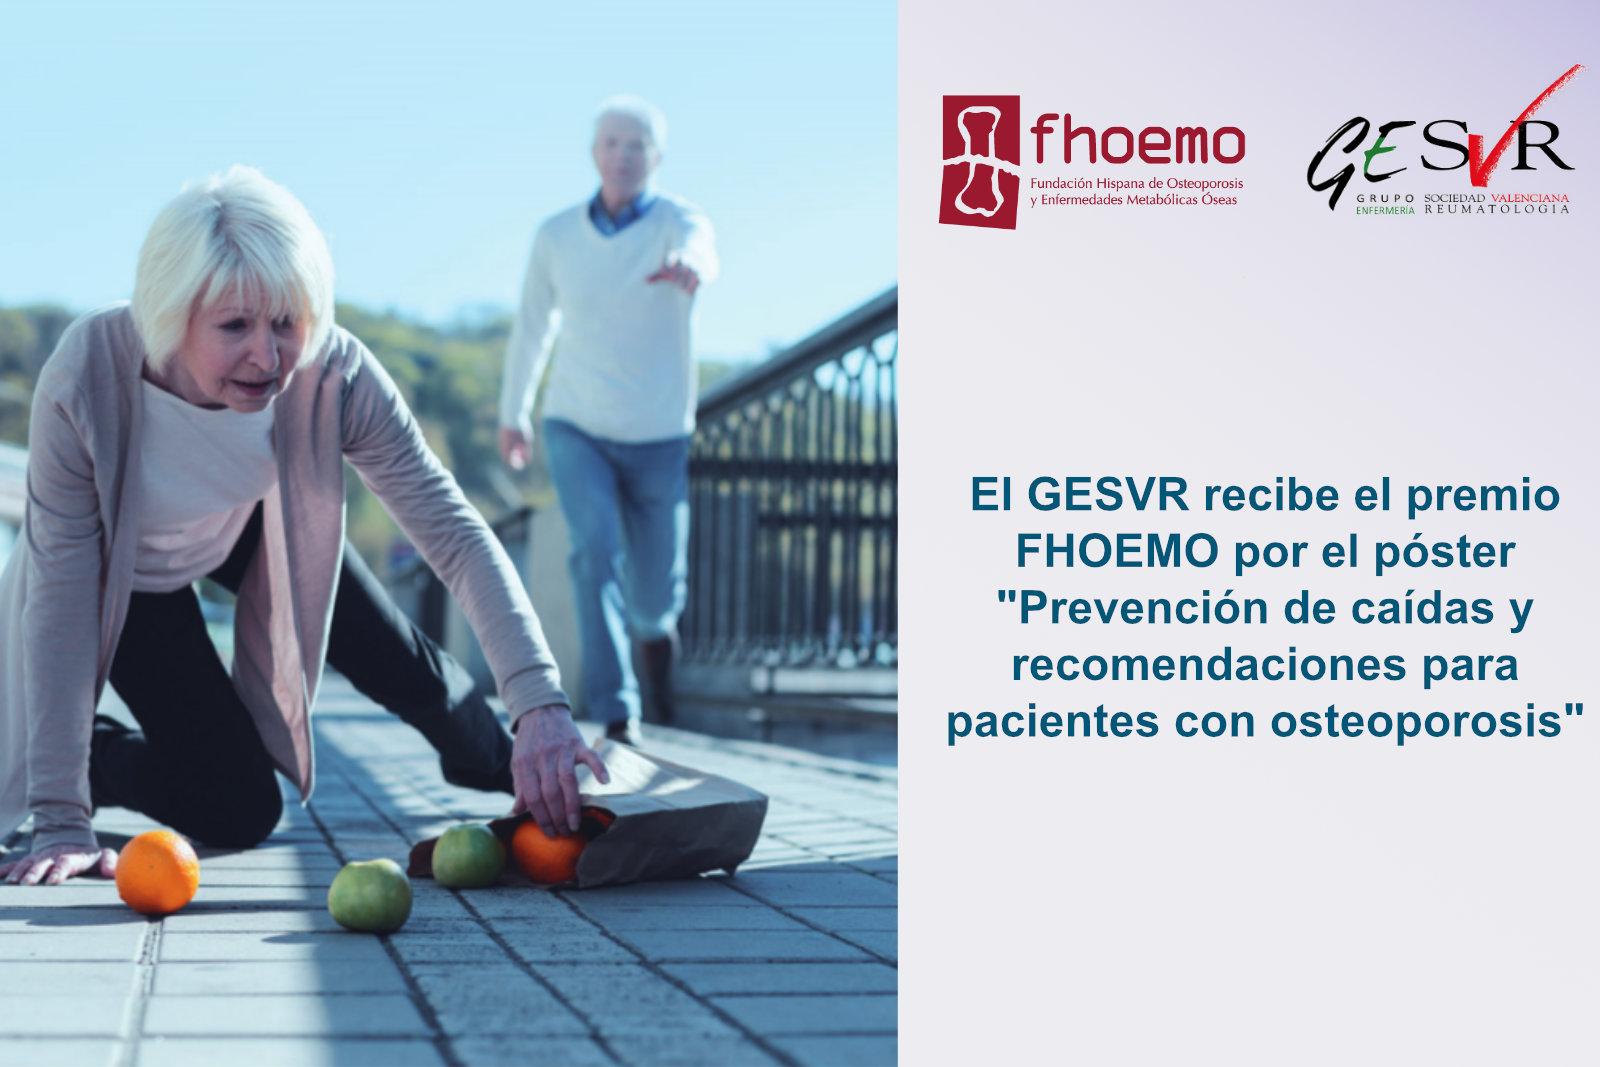 """El GESVR recibe el premio FHOEMO por el póster """"Prevención de caídas y recomendaciones para pacientes con osteoporosis"""""""